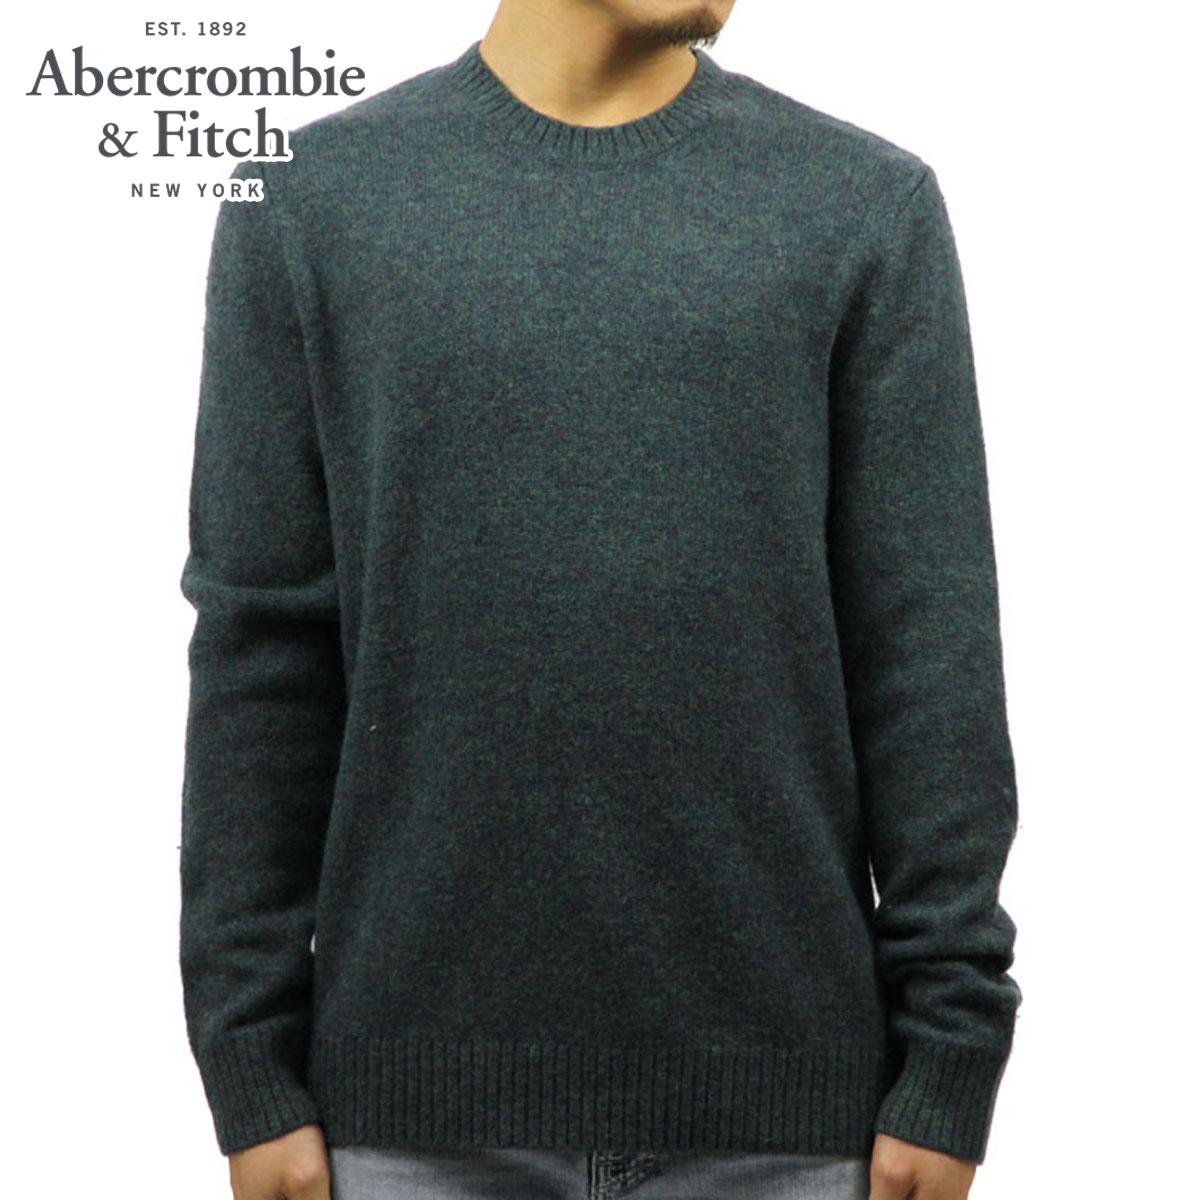 アバクロ セーター メンズ 正規品 Abercrombie&Fitch WOOL CREW SWEATER 120-201-1048-300